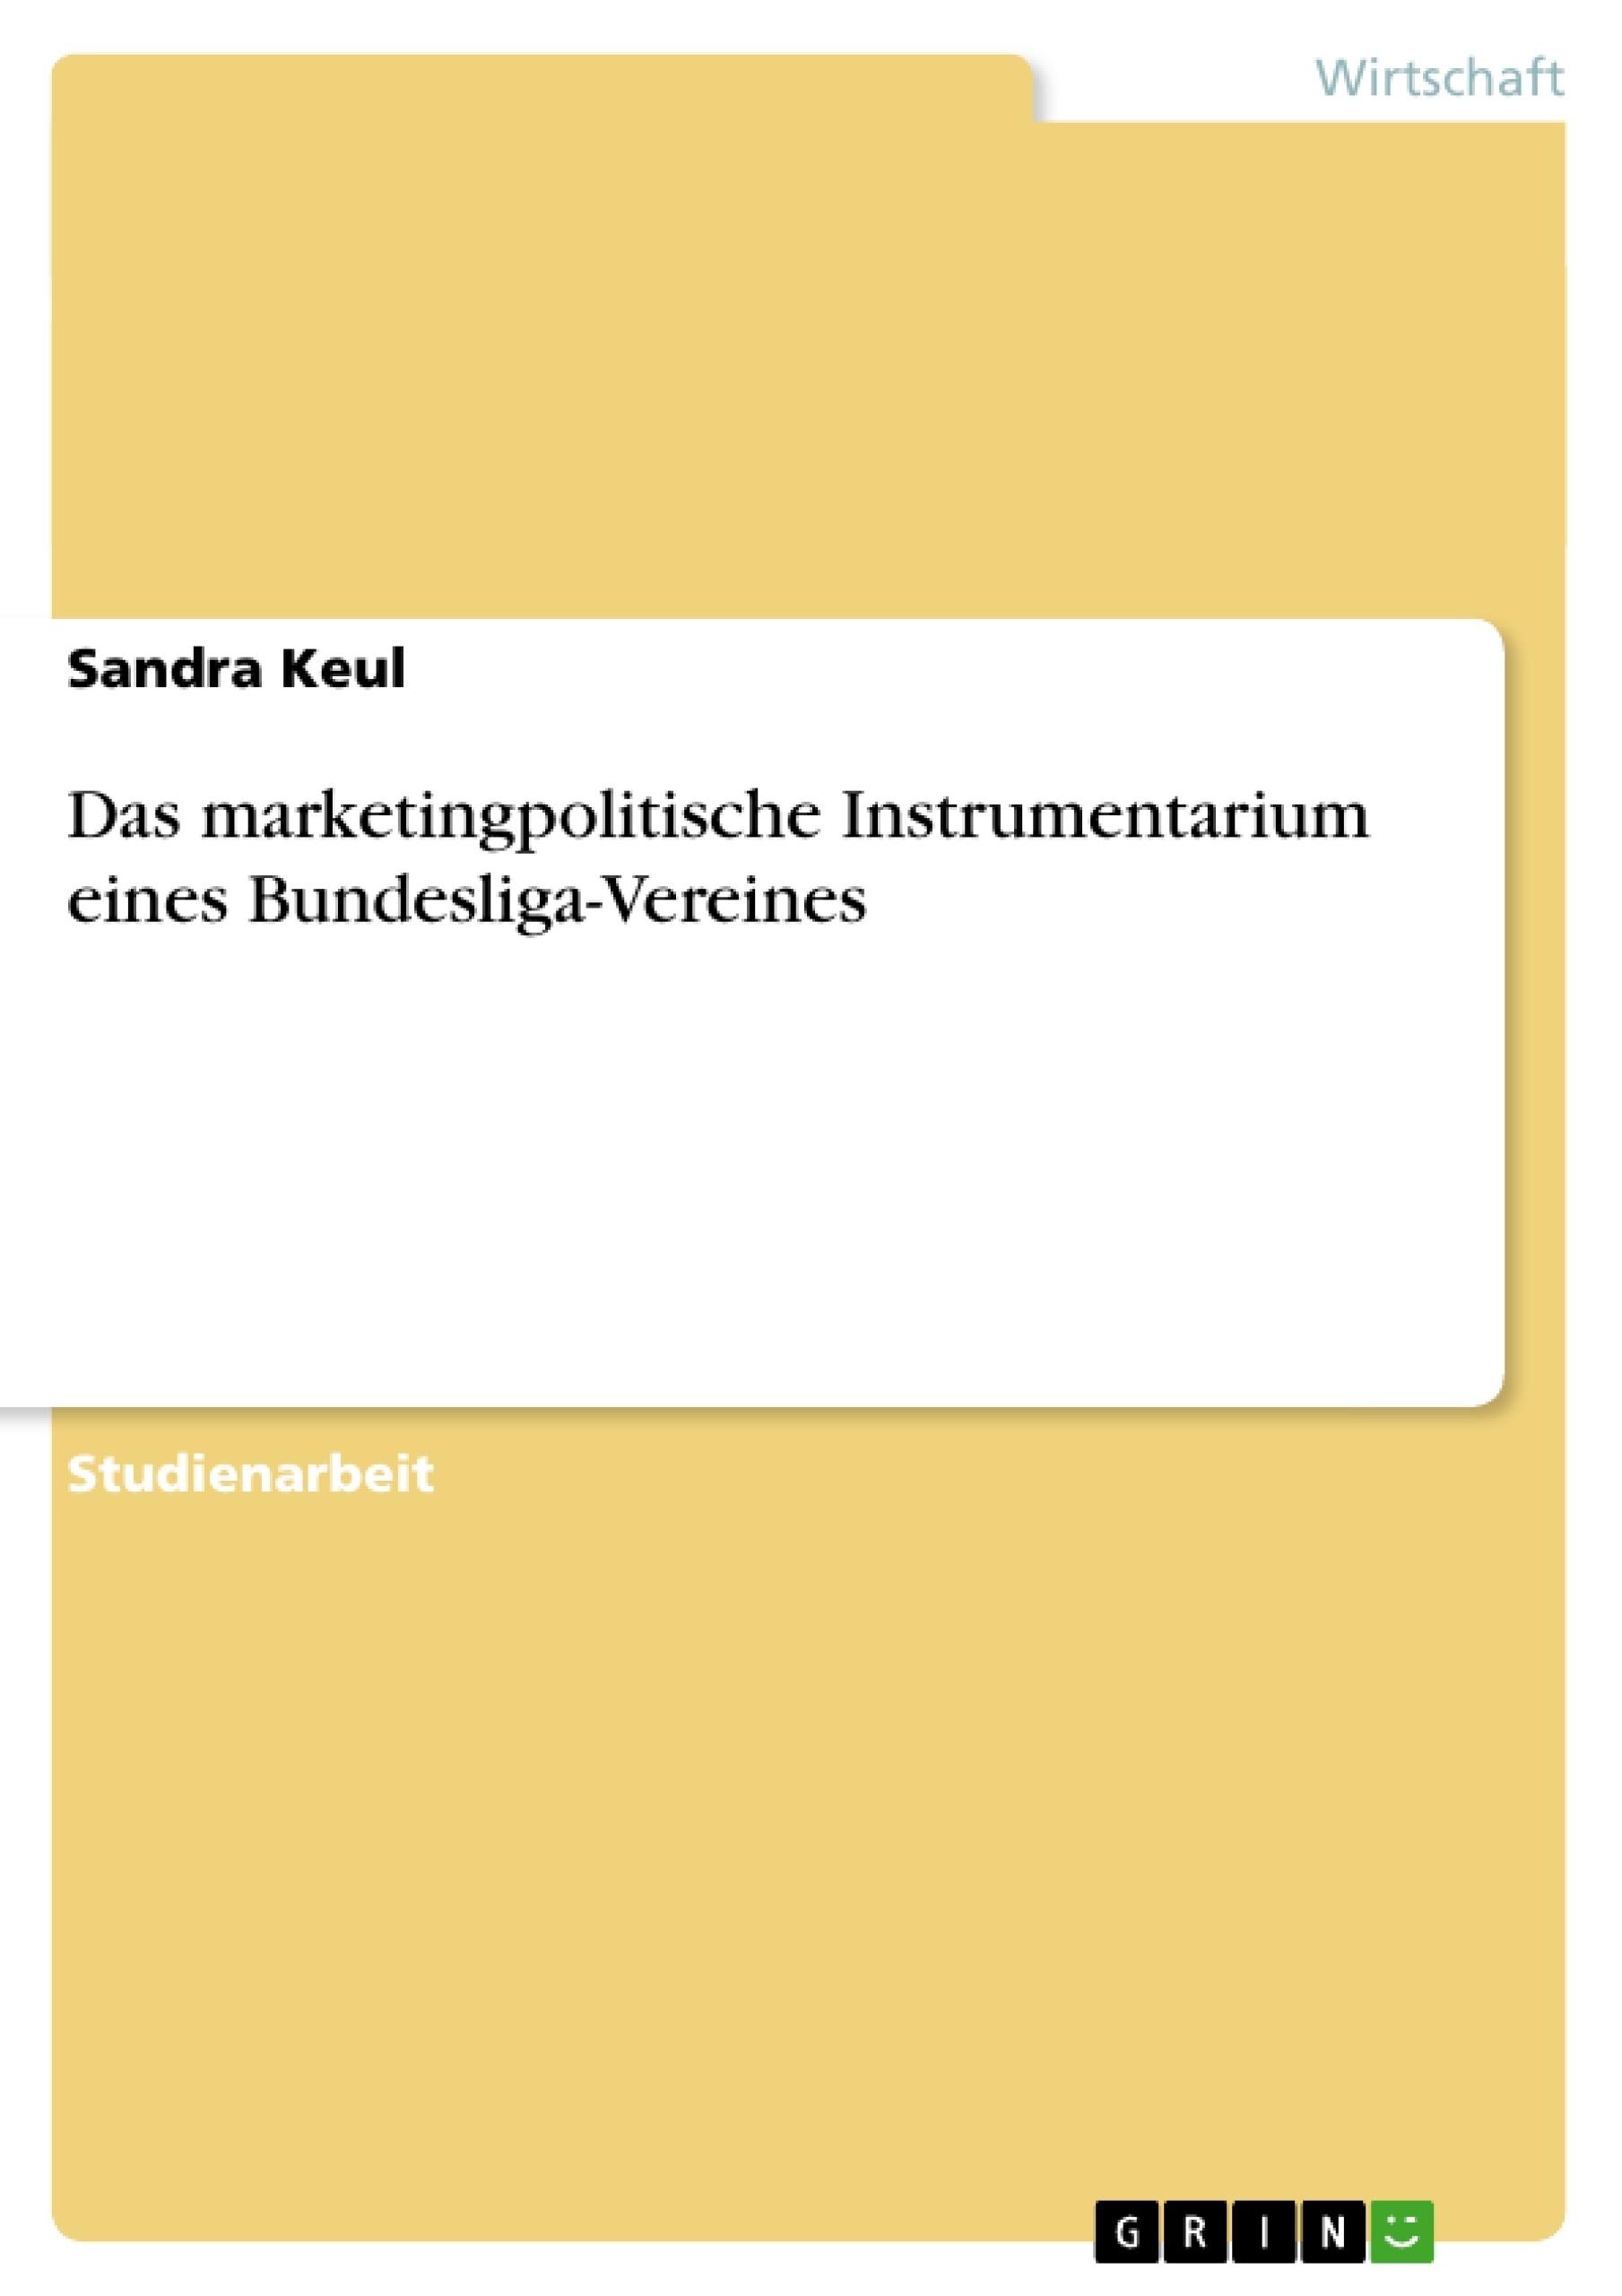 Titel: Das marketingpolitische Instrumentarium eines Bundesliga-Vereines